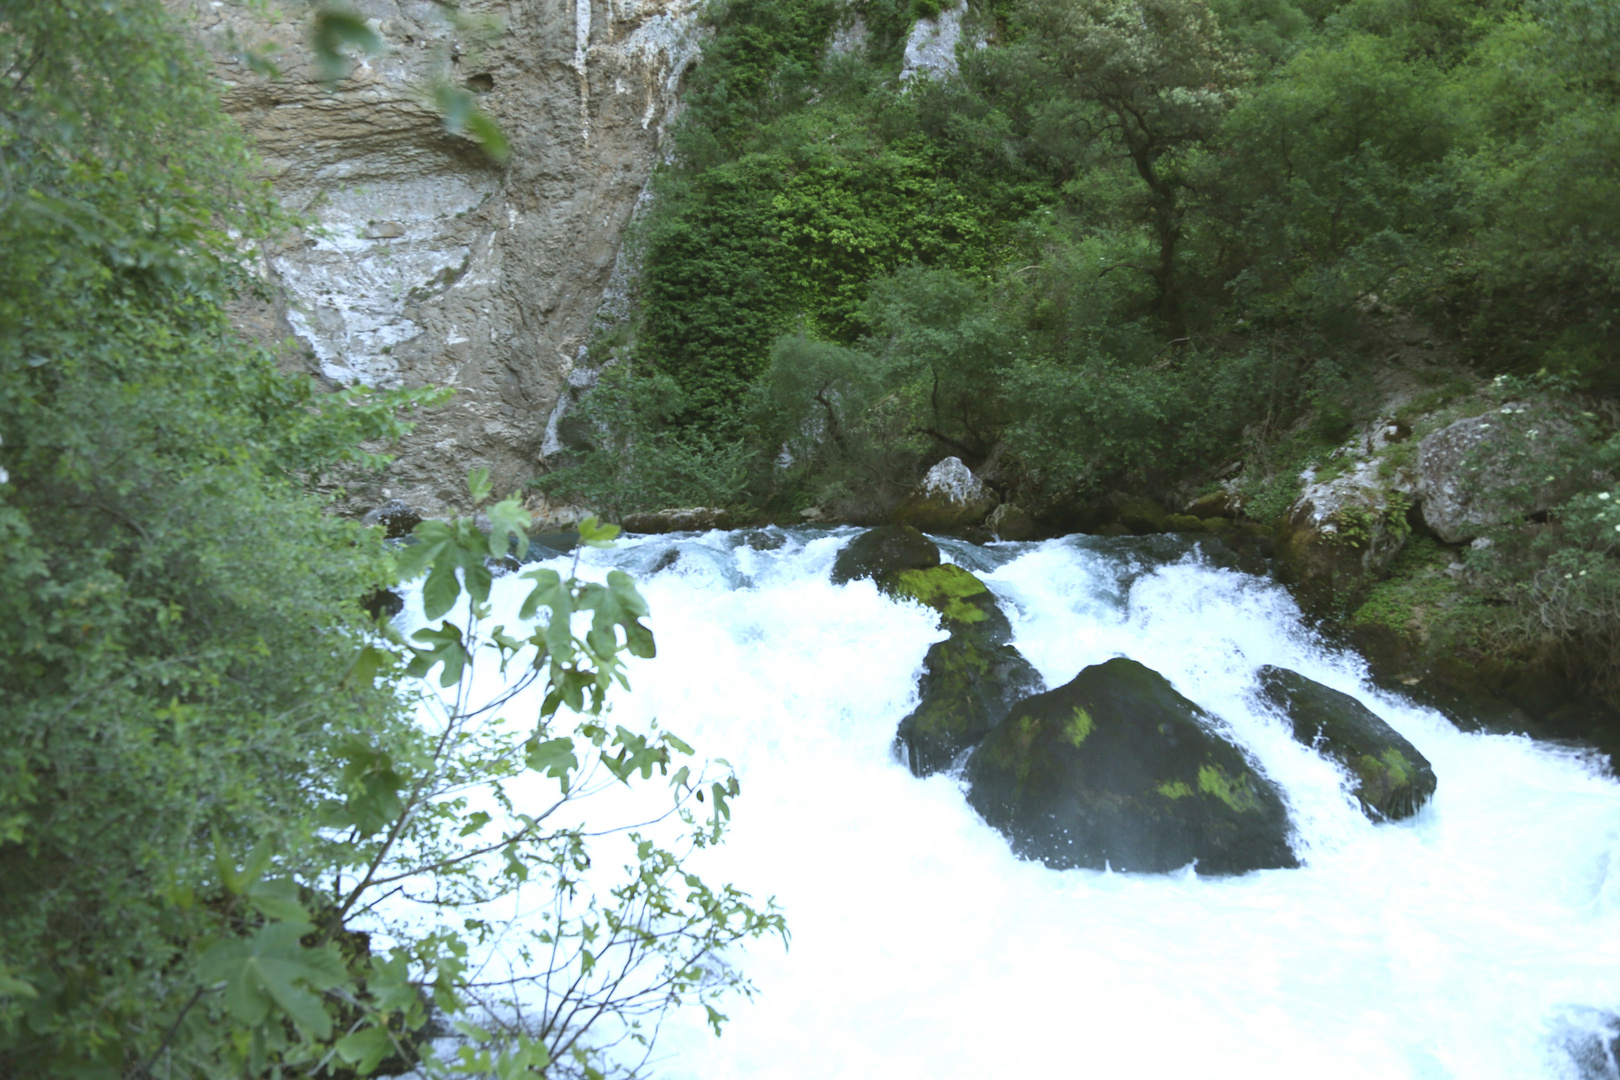 Ueberlauf der Sorgue Quelle (Fontaine de Vaucluse)